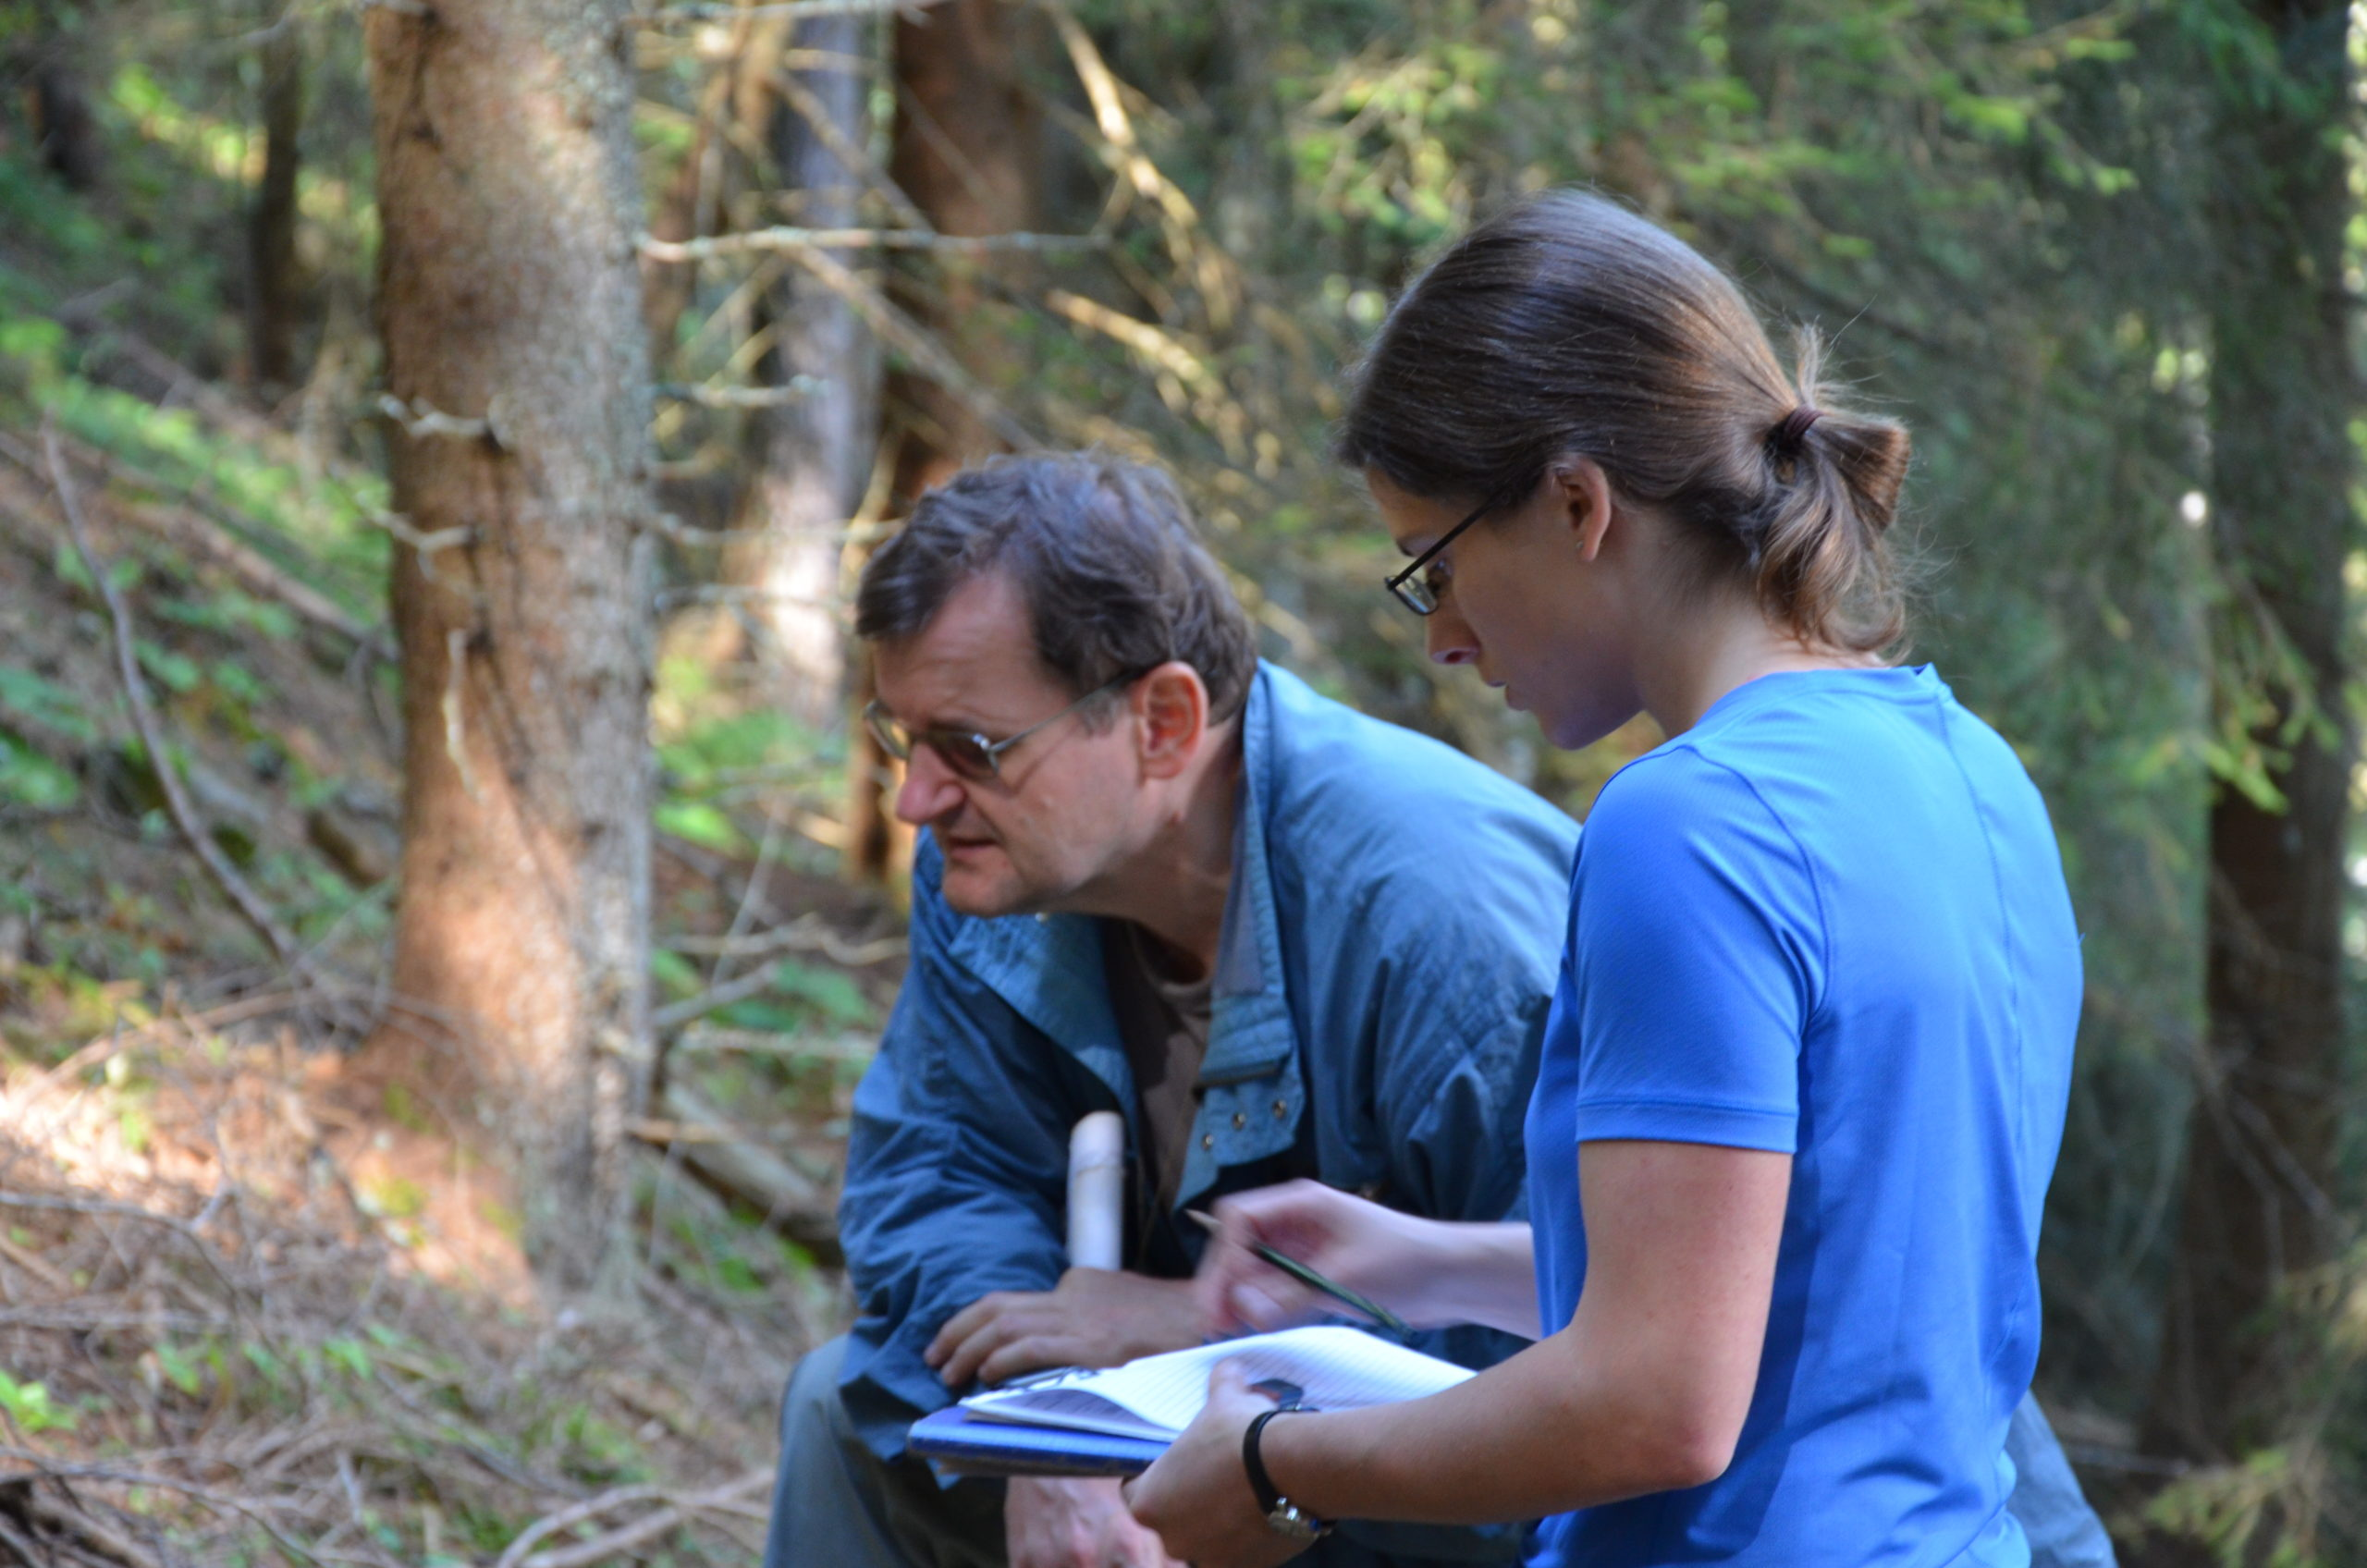 Standortskartierer stehen im Wald, blaue T-Shirts